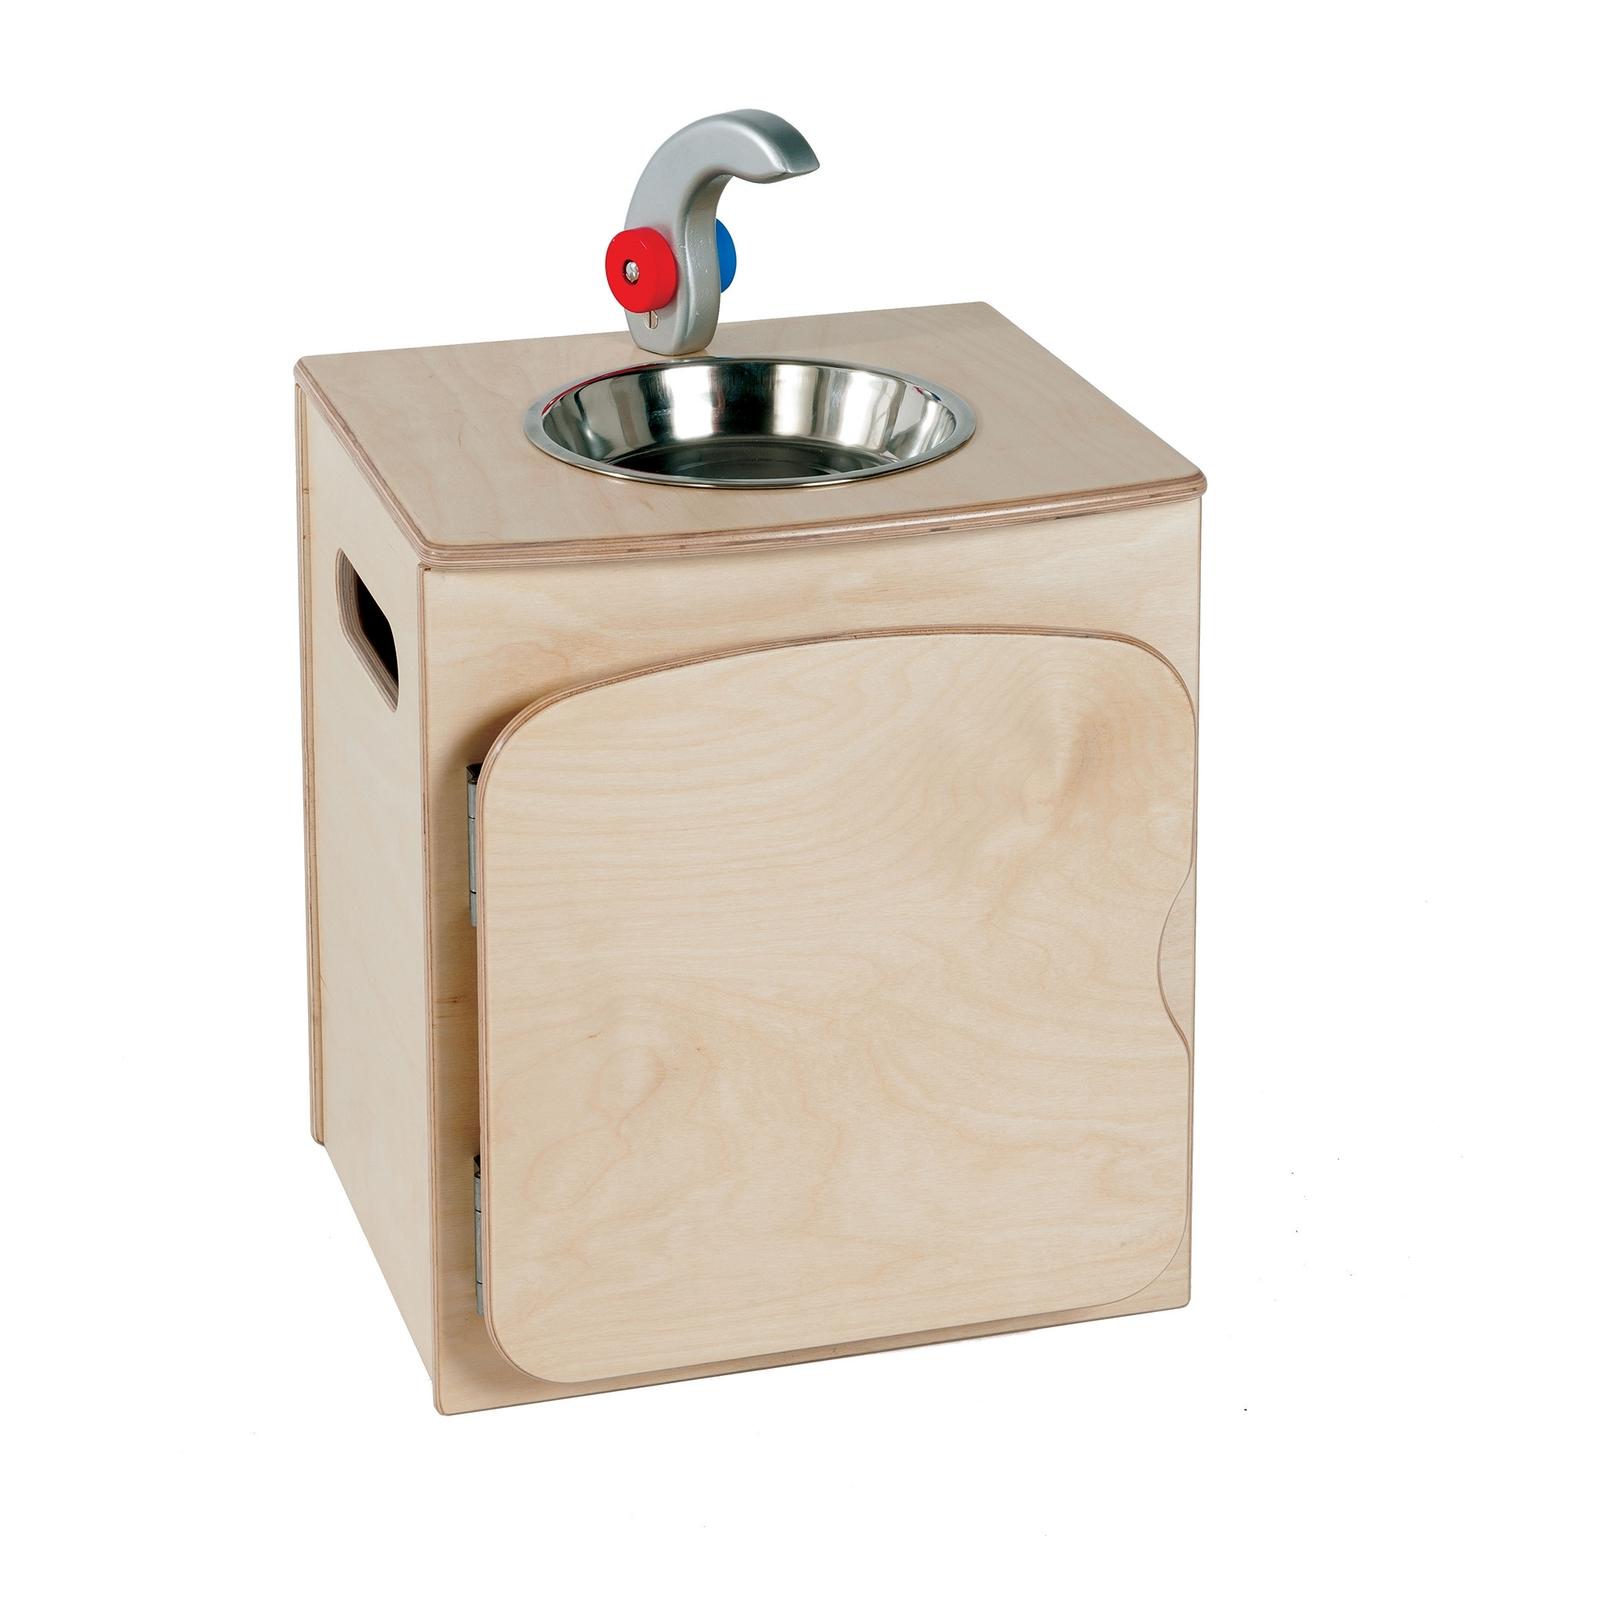 Toddler Sink